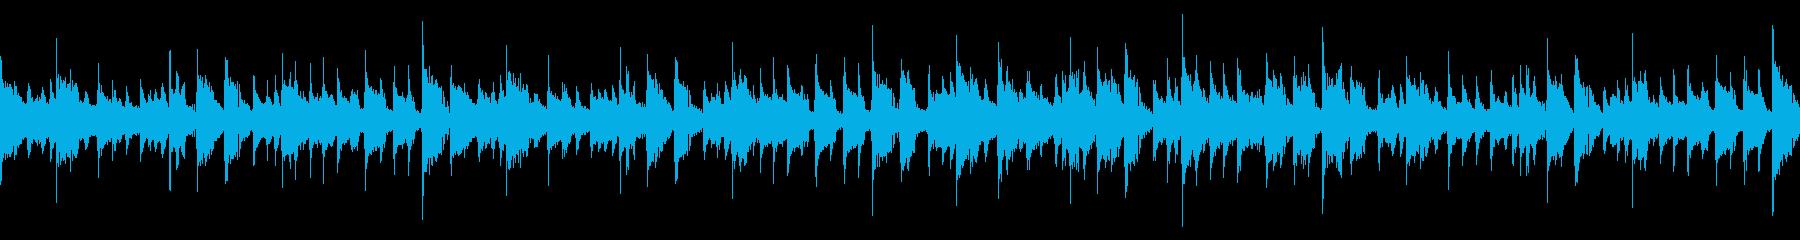 ジャズ風のお洒落なピアノループの再生済みの波形